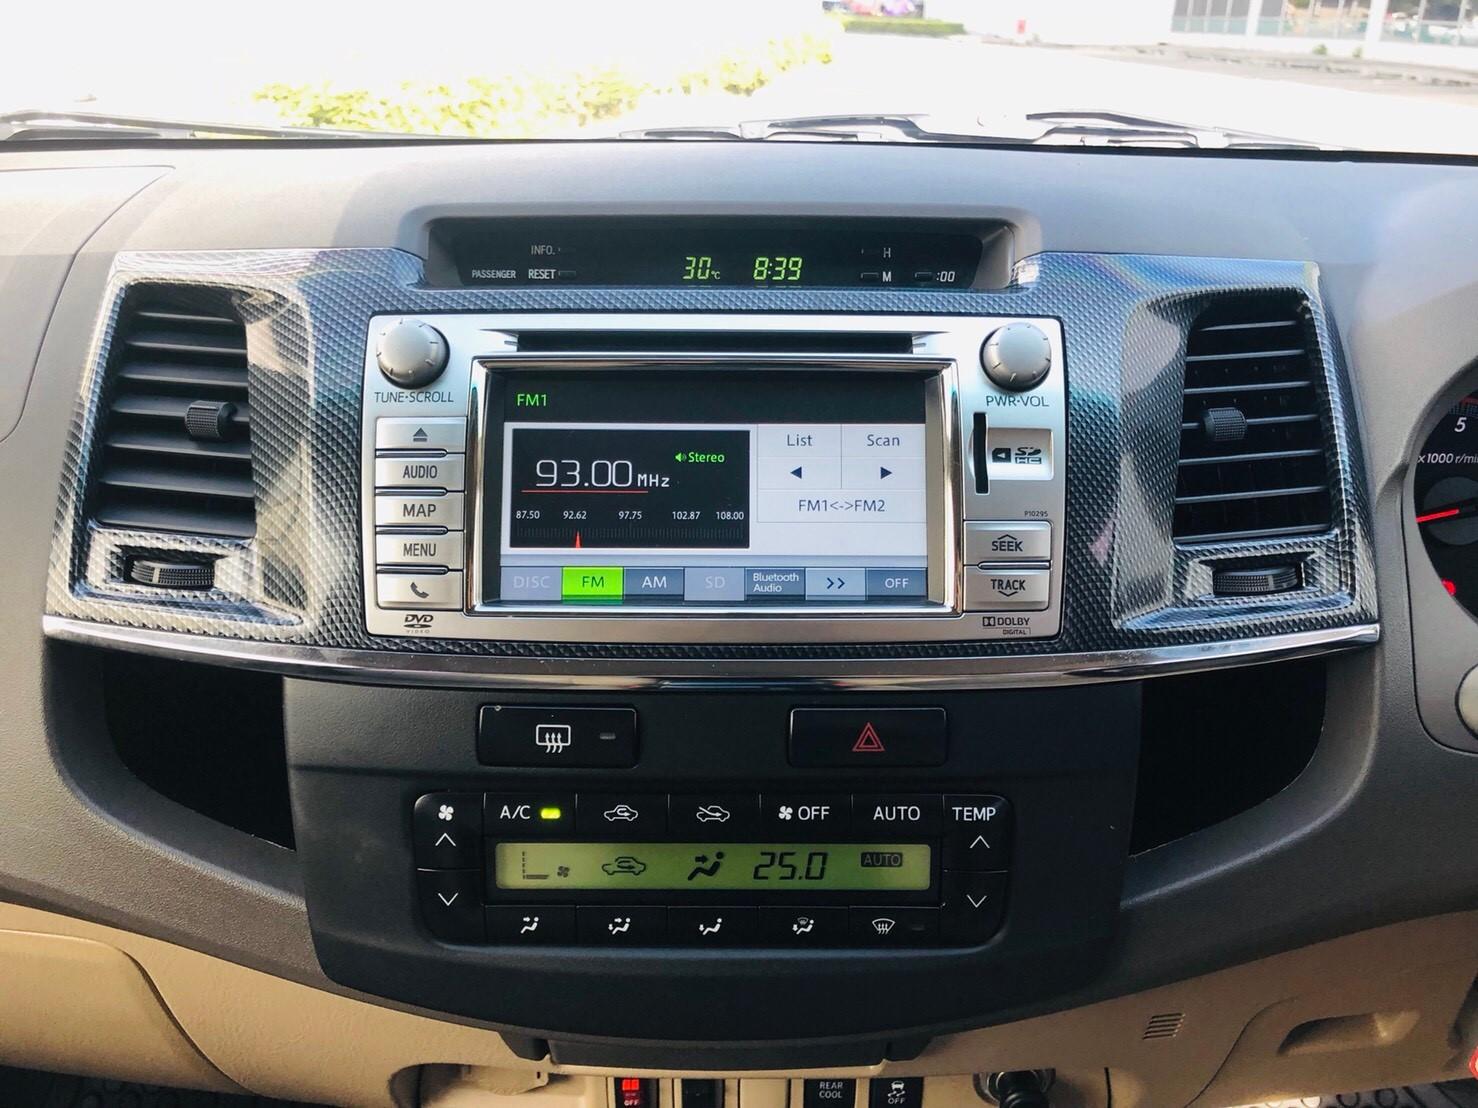 ภาพออปชั่น โตโยต้า ฟอร์จูนเนอร์ 3.0 V 4WD ปี 2013